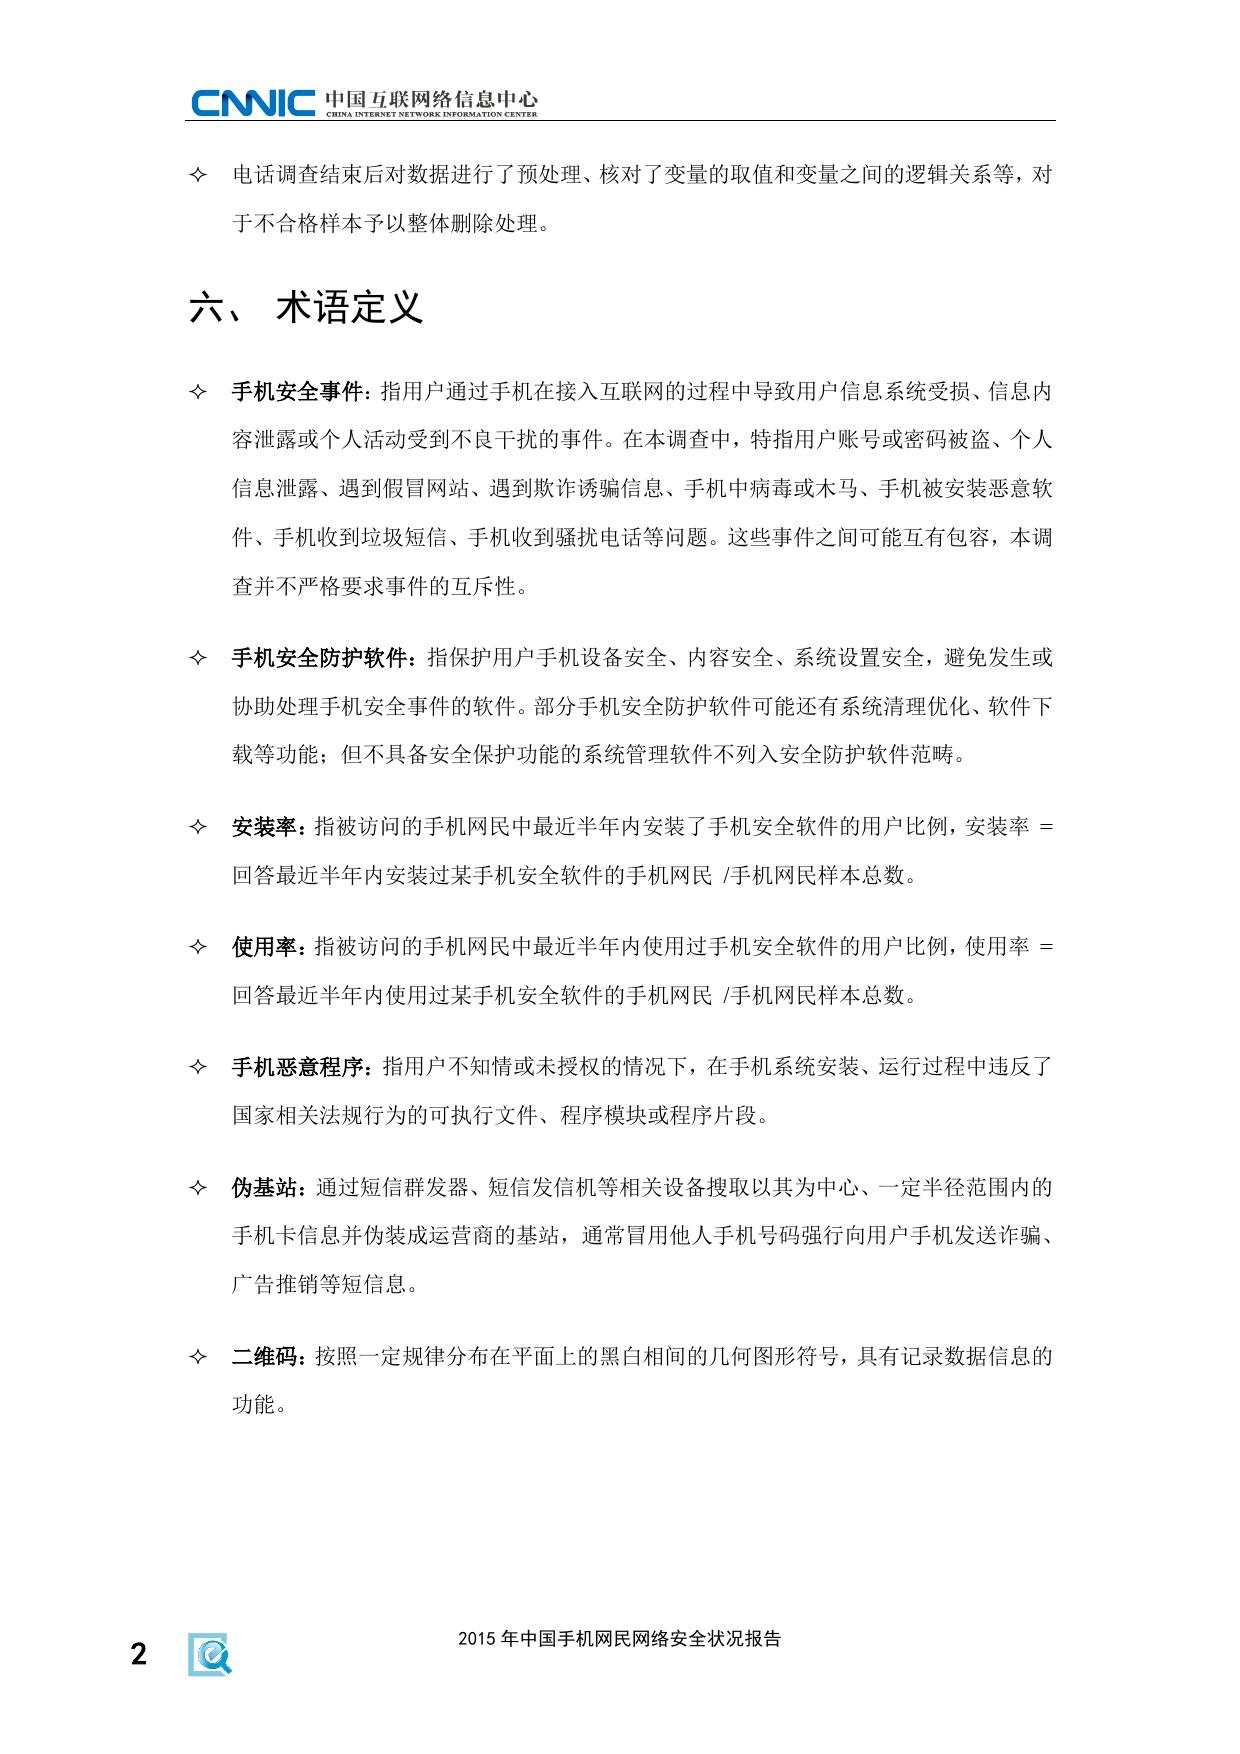 2015年中国手机网民网络安全状况报告_000008